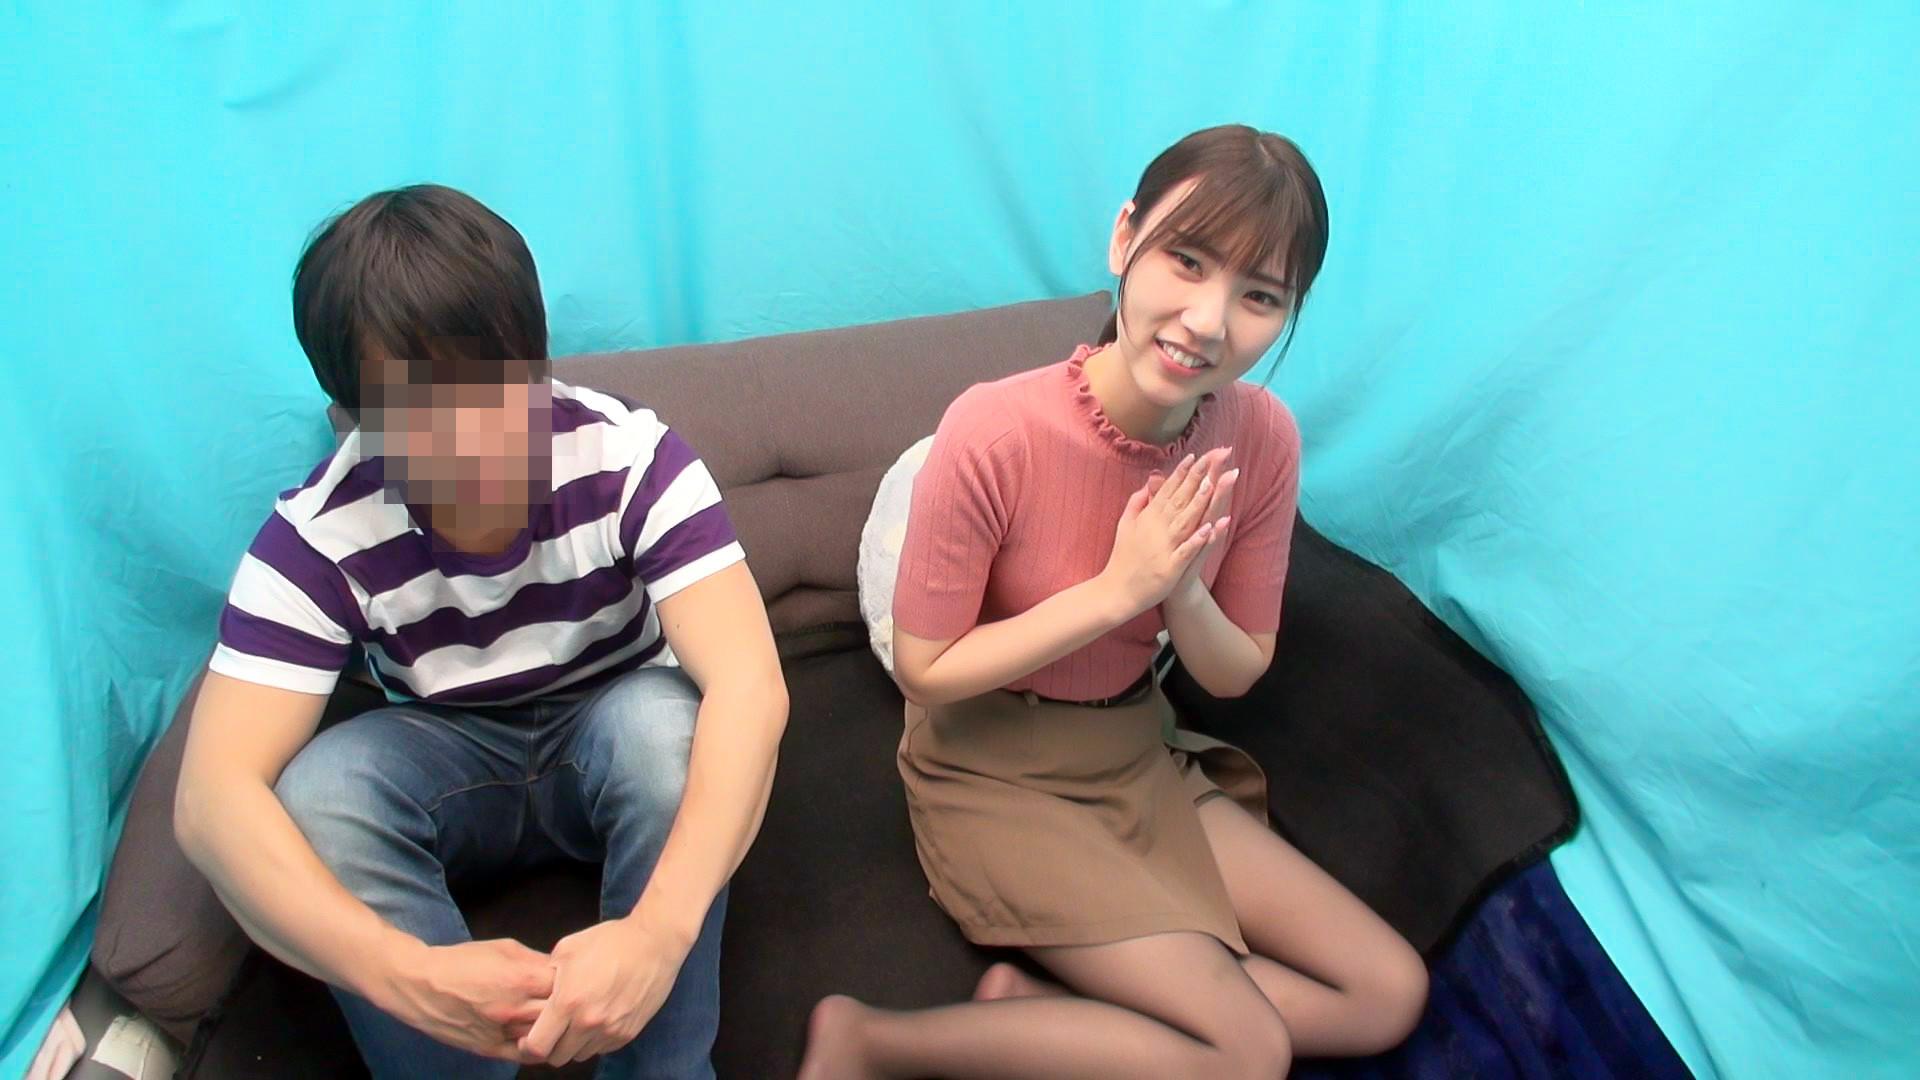 ゆうきさん 20歳 美脚スレンダーな女子大生 【ガチな素人】 画像1